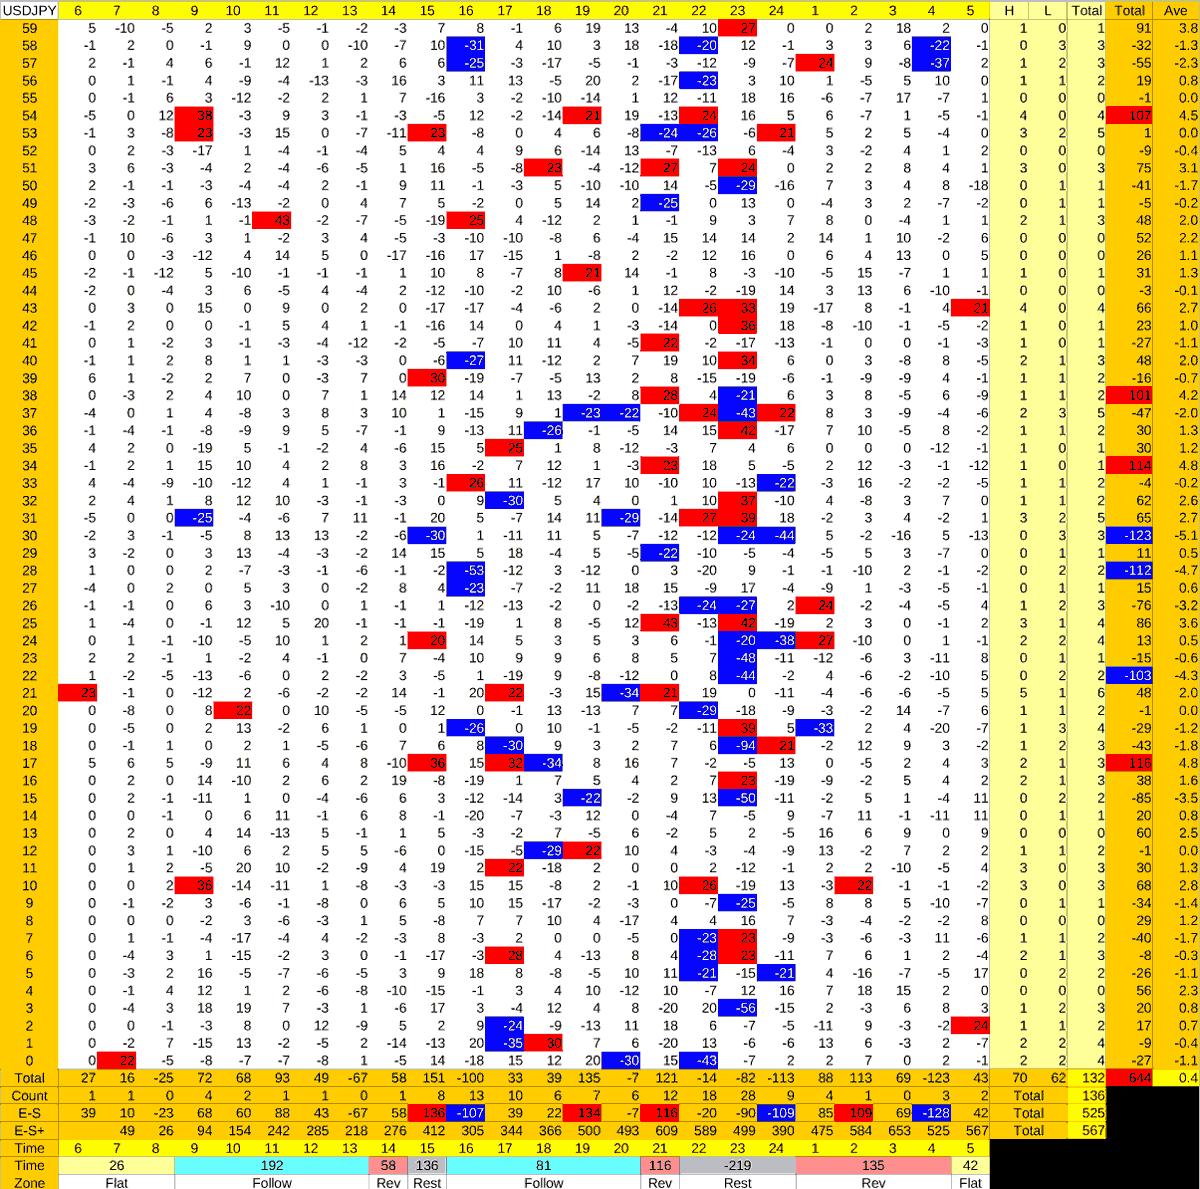 20210928_HS(1)USDJPY